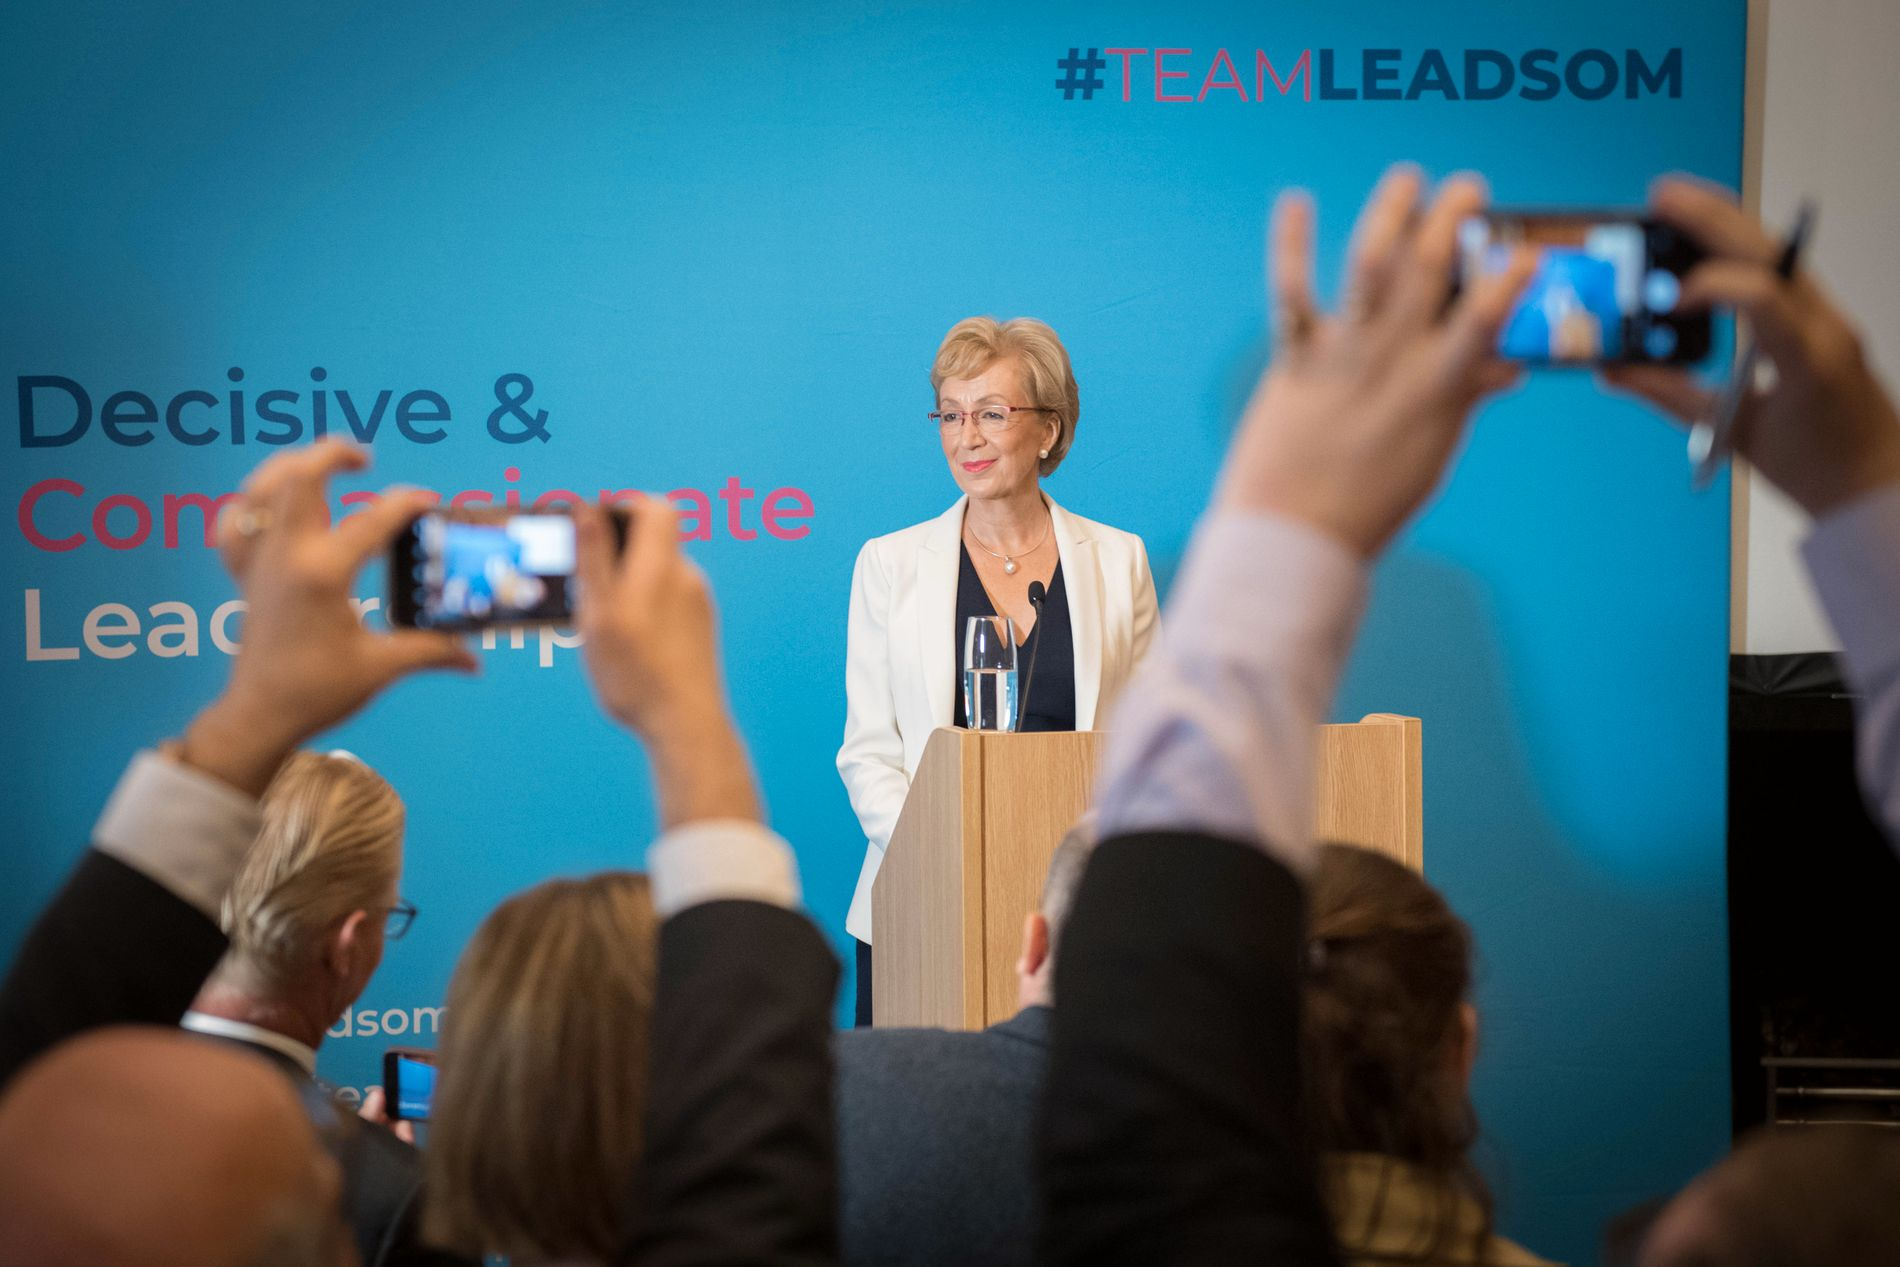 TILBAKE: Dette er Andrea Leadsoms andre forsøk på å bli valgt. I 2016 trakk hun seg - det banet vei for Theresa May.